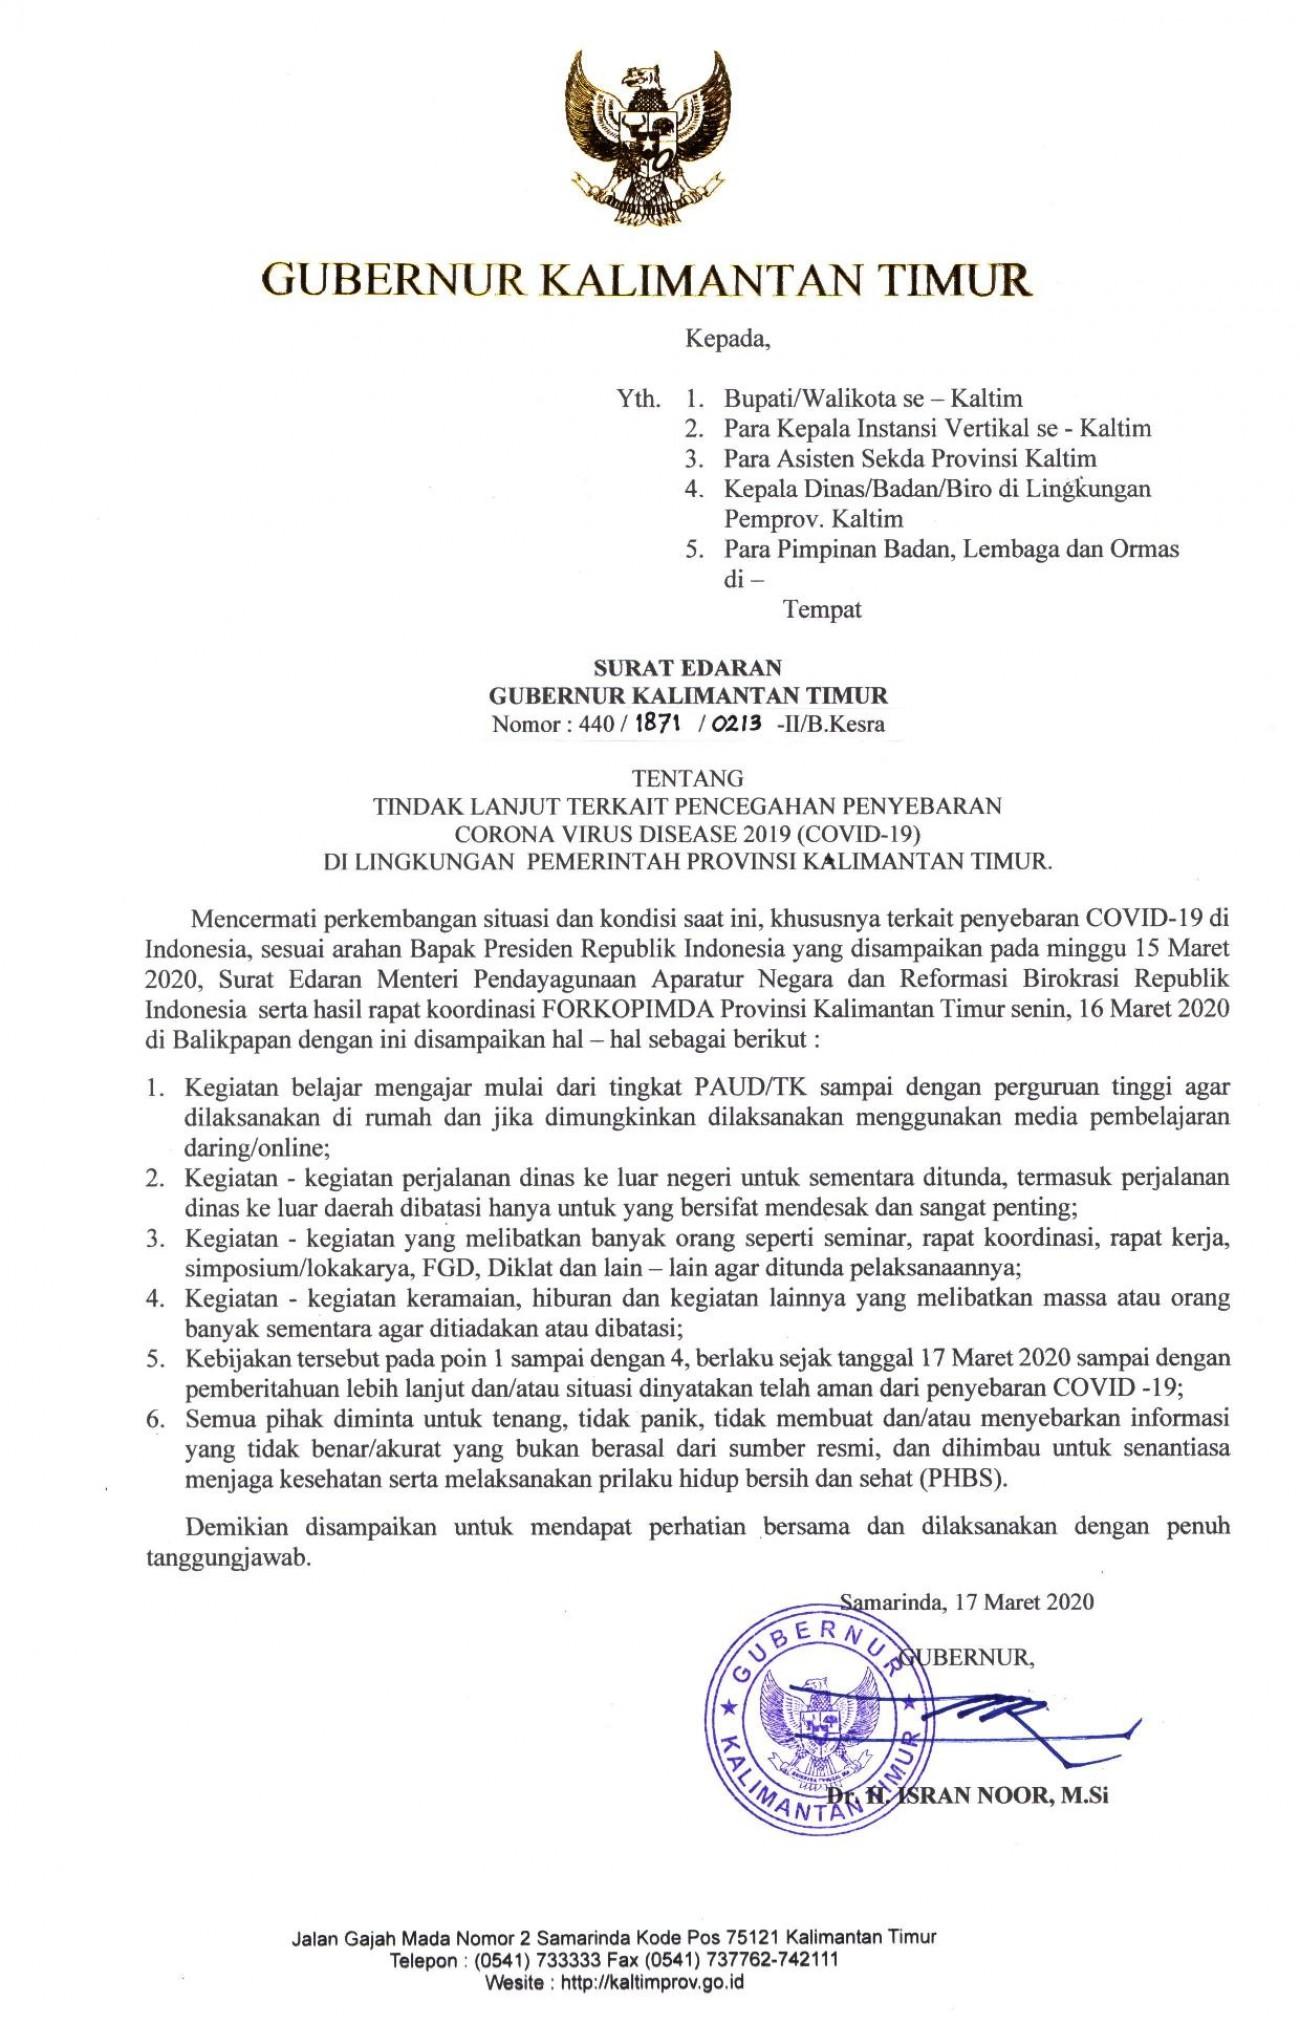 Surat Edaran Gubernur Kalimantan Timur Nomor : 440/1871/0213-II/B.Kesra tanggal 17 Maret 2020 tentang Tindak Lanjut Terkait Pencegahan Penyebaran Corona Virus Disease 2019 (Covid-2019) di Lingkungan Pemerintah Provinsi Kalimantan Timur